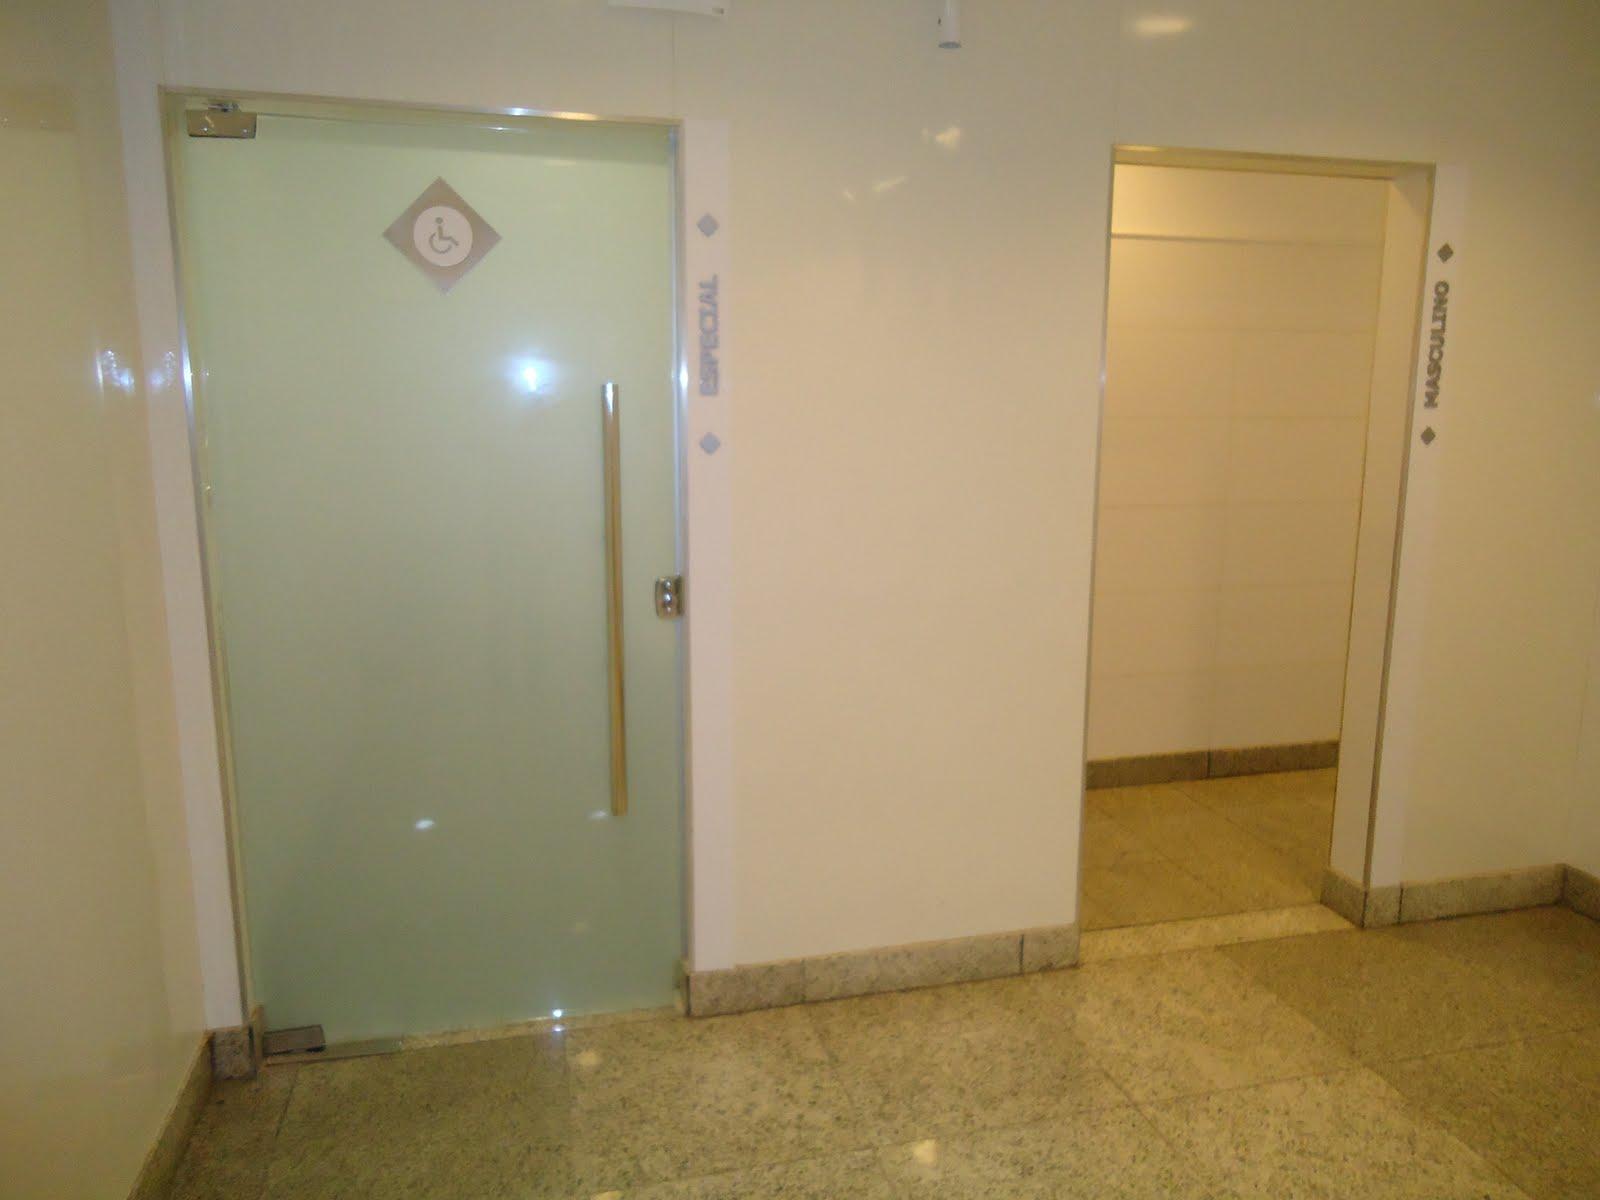 Sanitário Familiar do Shopping Campo Grande Acessibilidade na  #614C1E 1600 1200